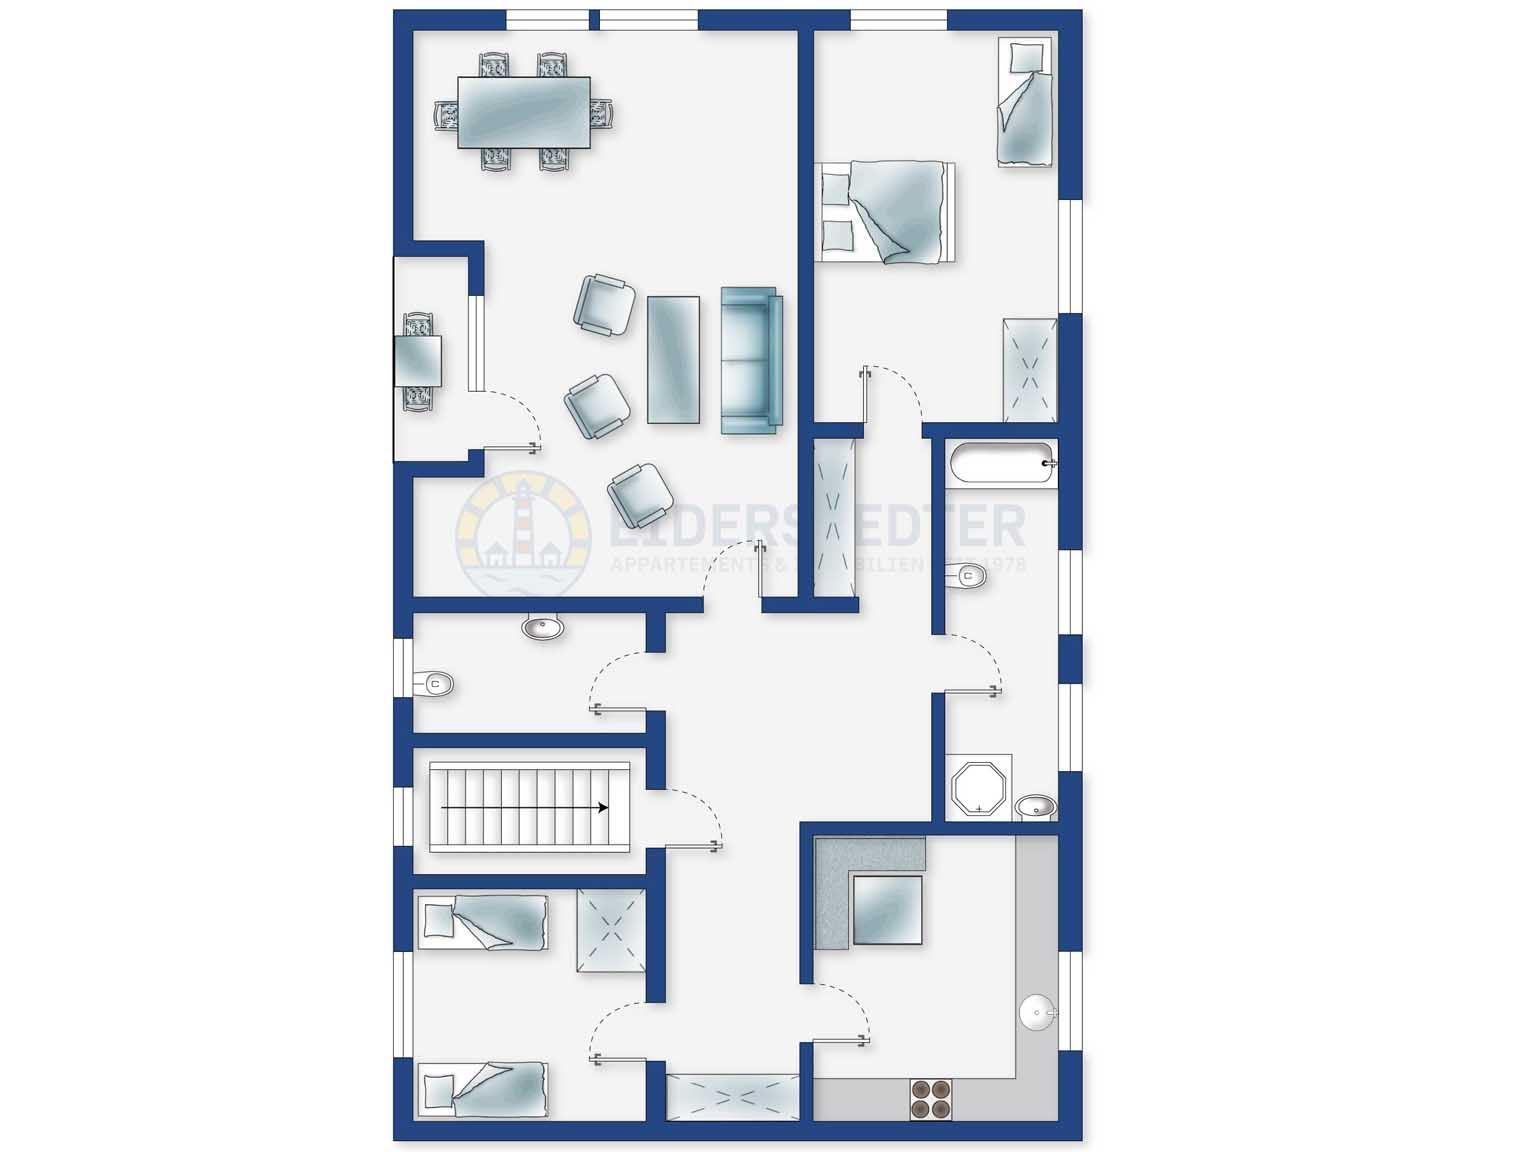 Grundriss - Haus Kirchhoff, Wohnung OG, Achter de Dünen 2a, St. Peter-Bad